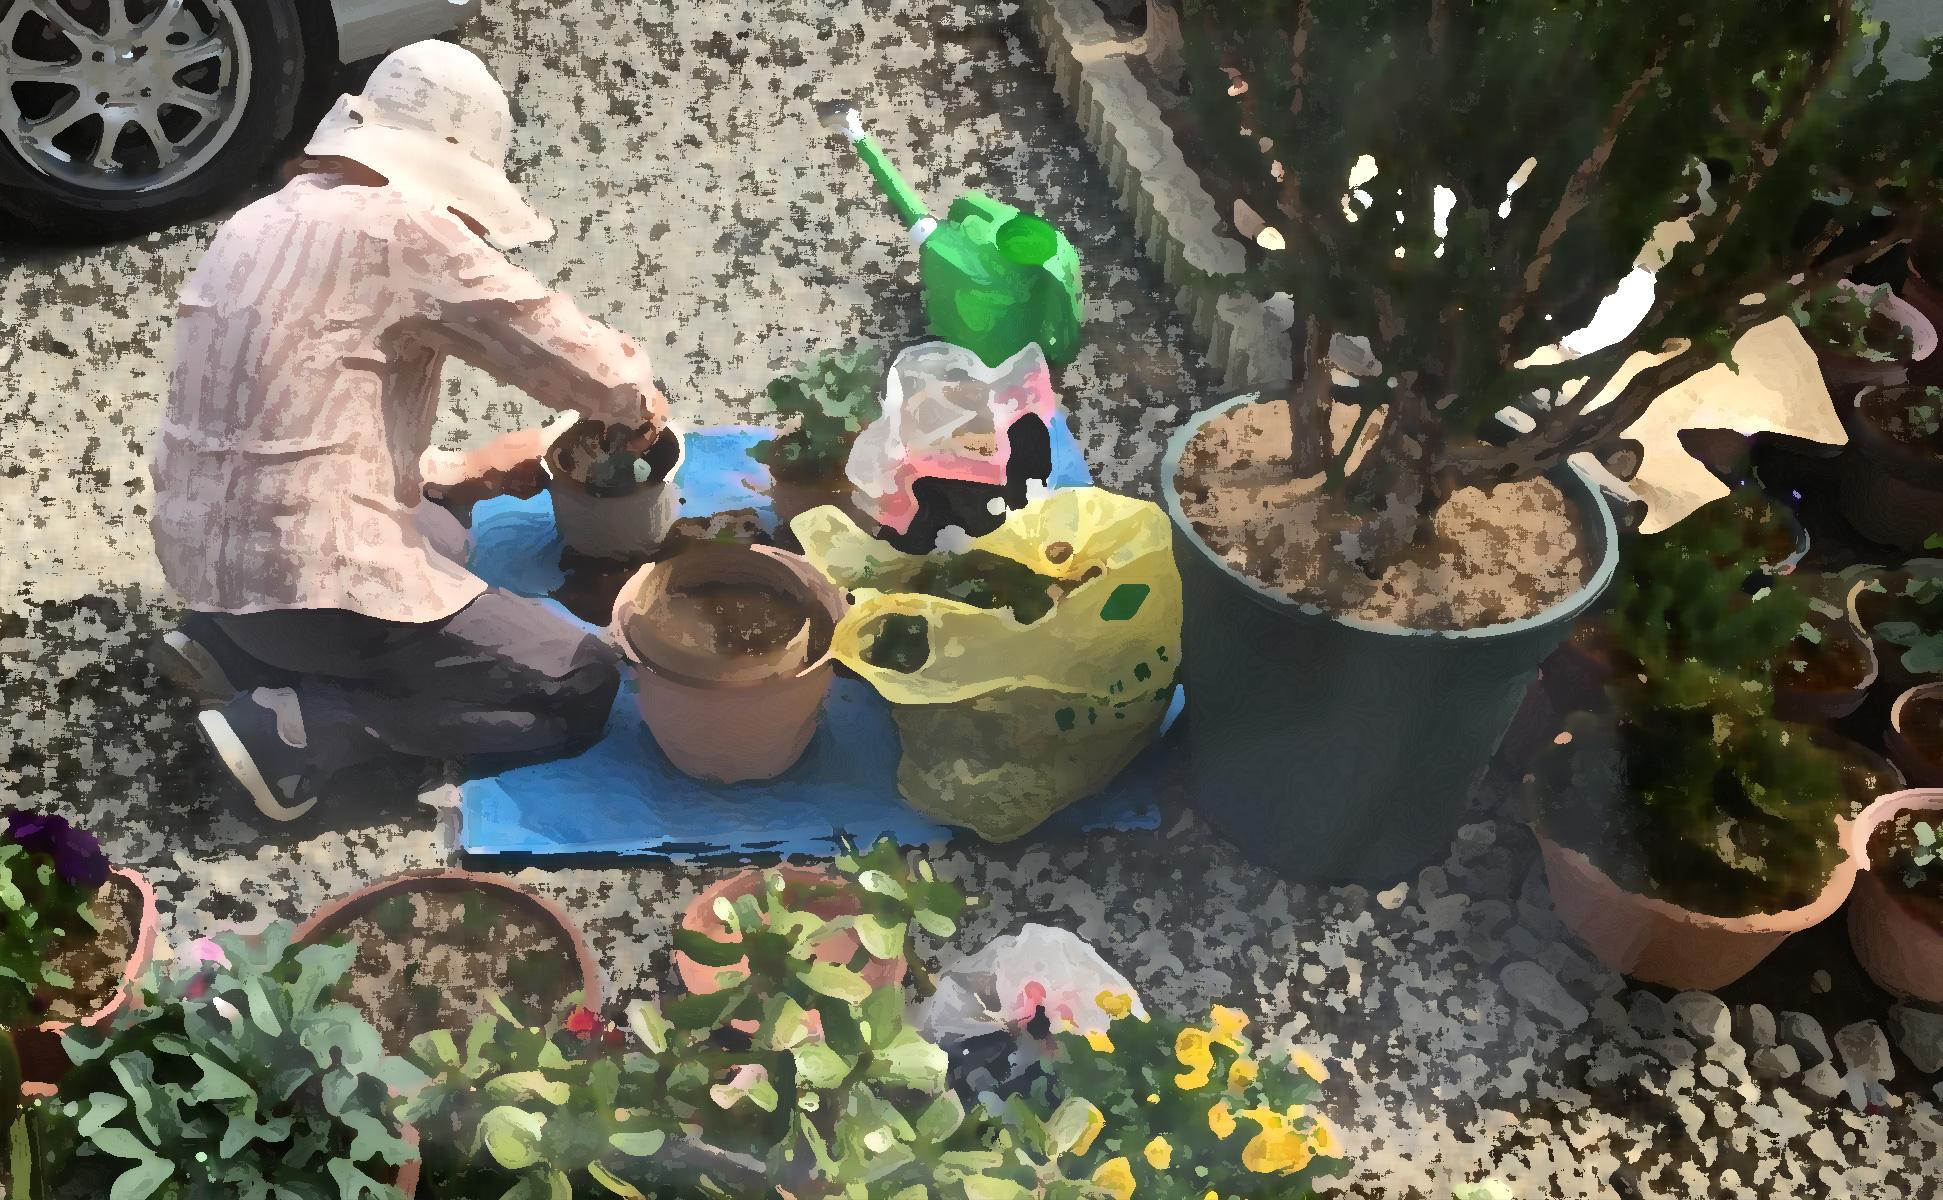 おばあちゃんの庭仕事-2018年